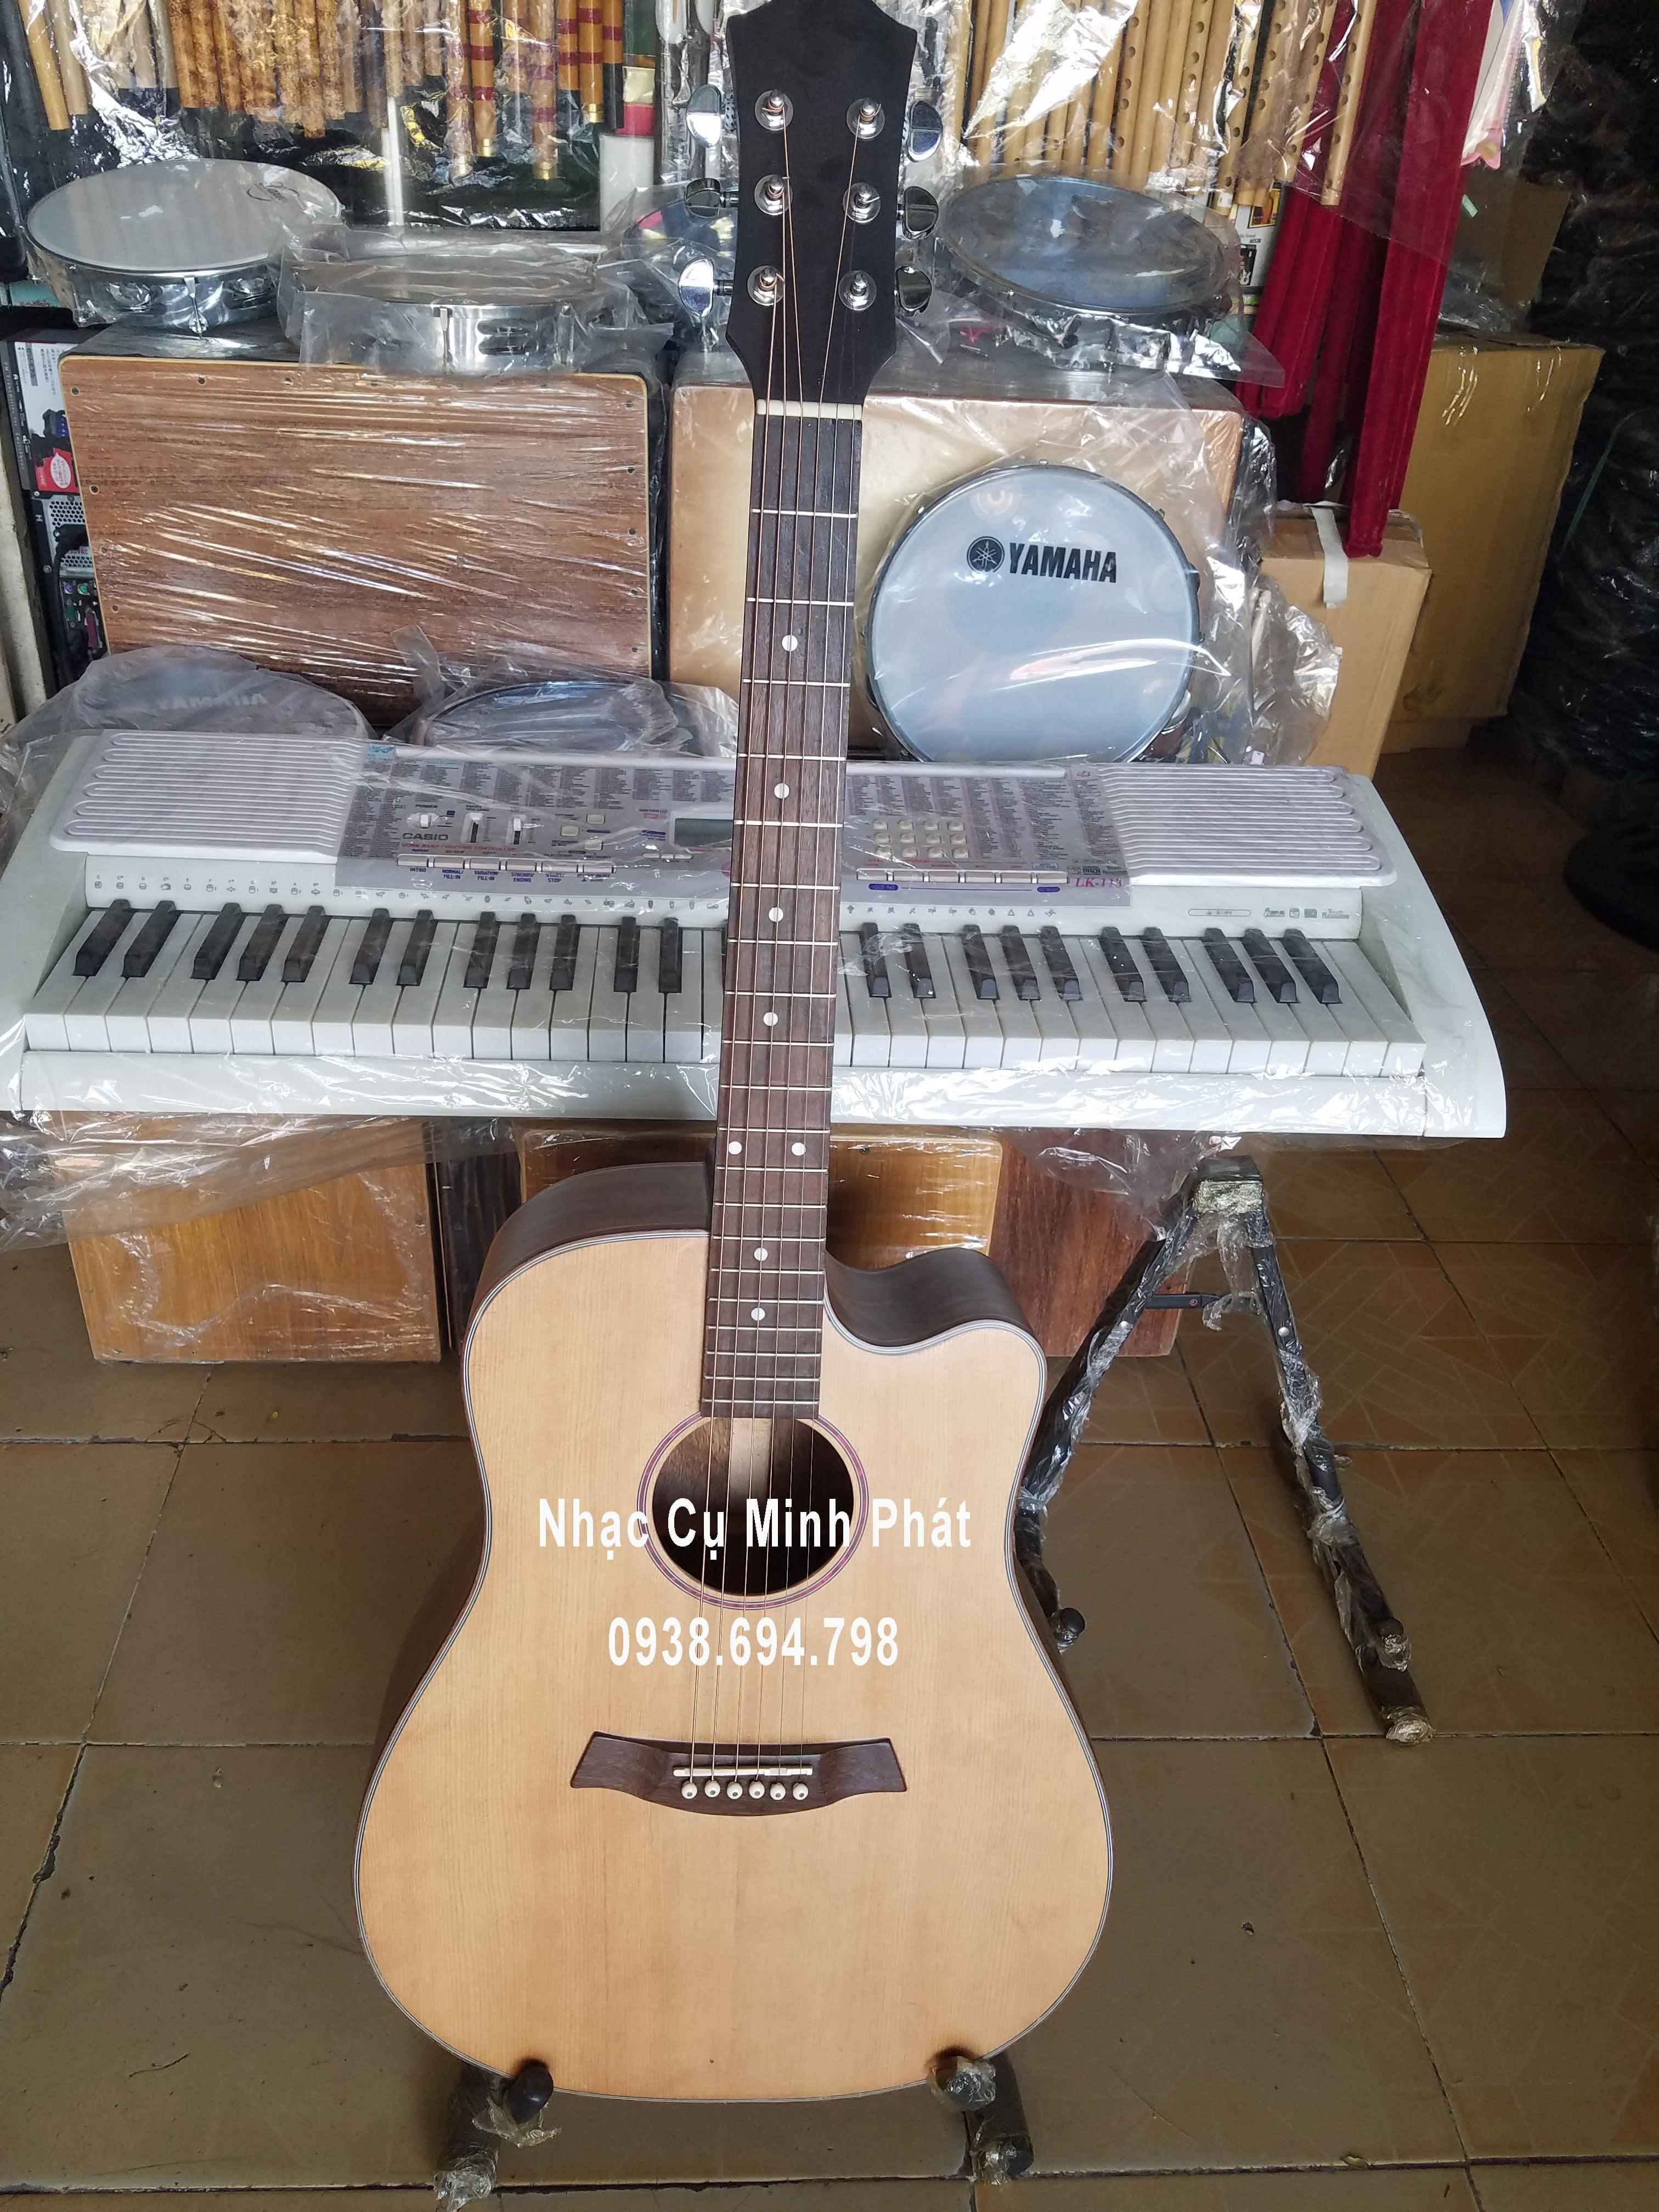 Bán đàn guitar giá rẻ quận bình tân bình chánh tân phú quận 6 chỉ 390k- guitarbinhtan.com - 2